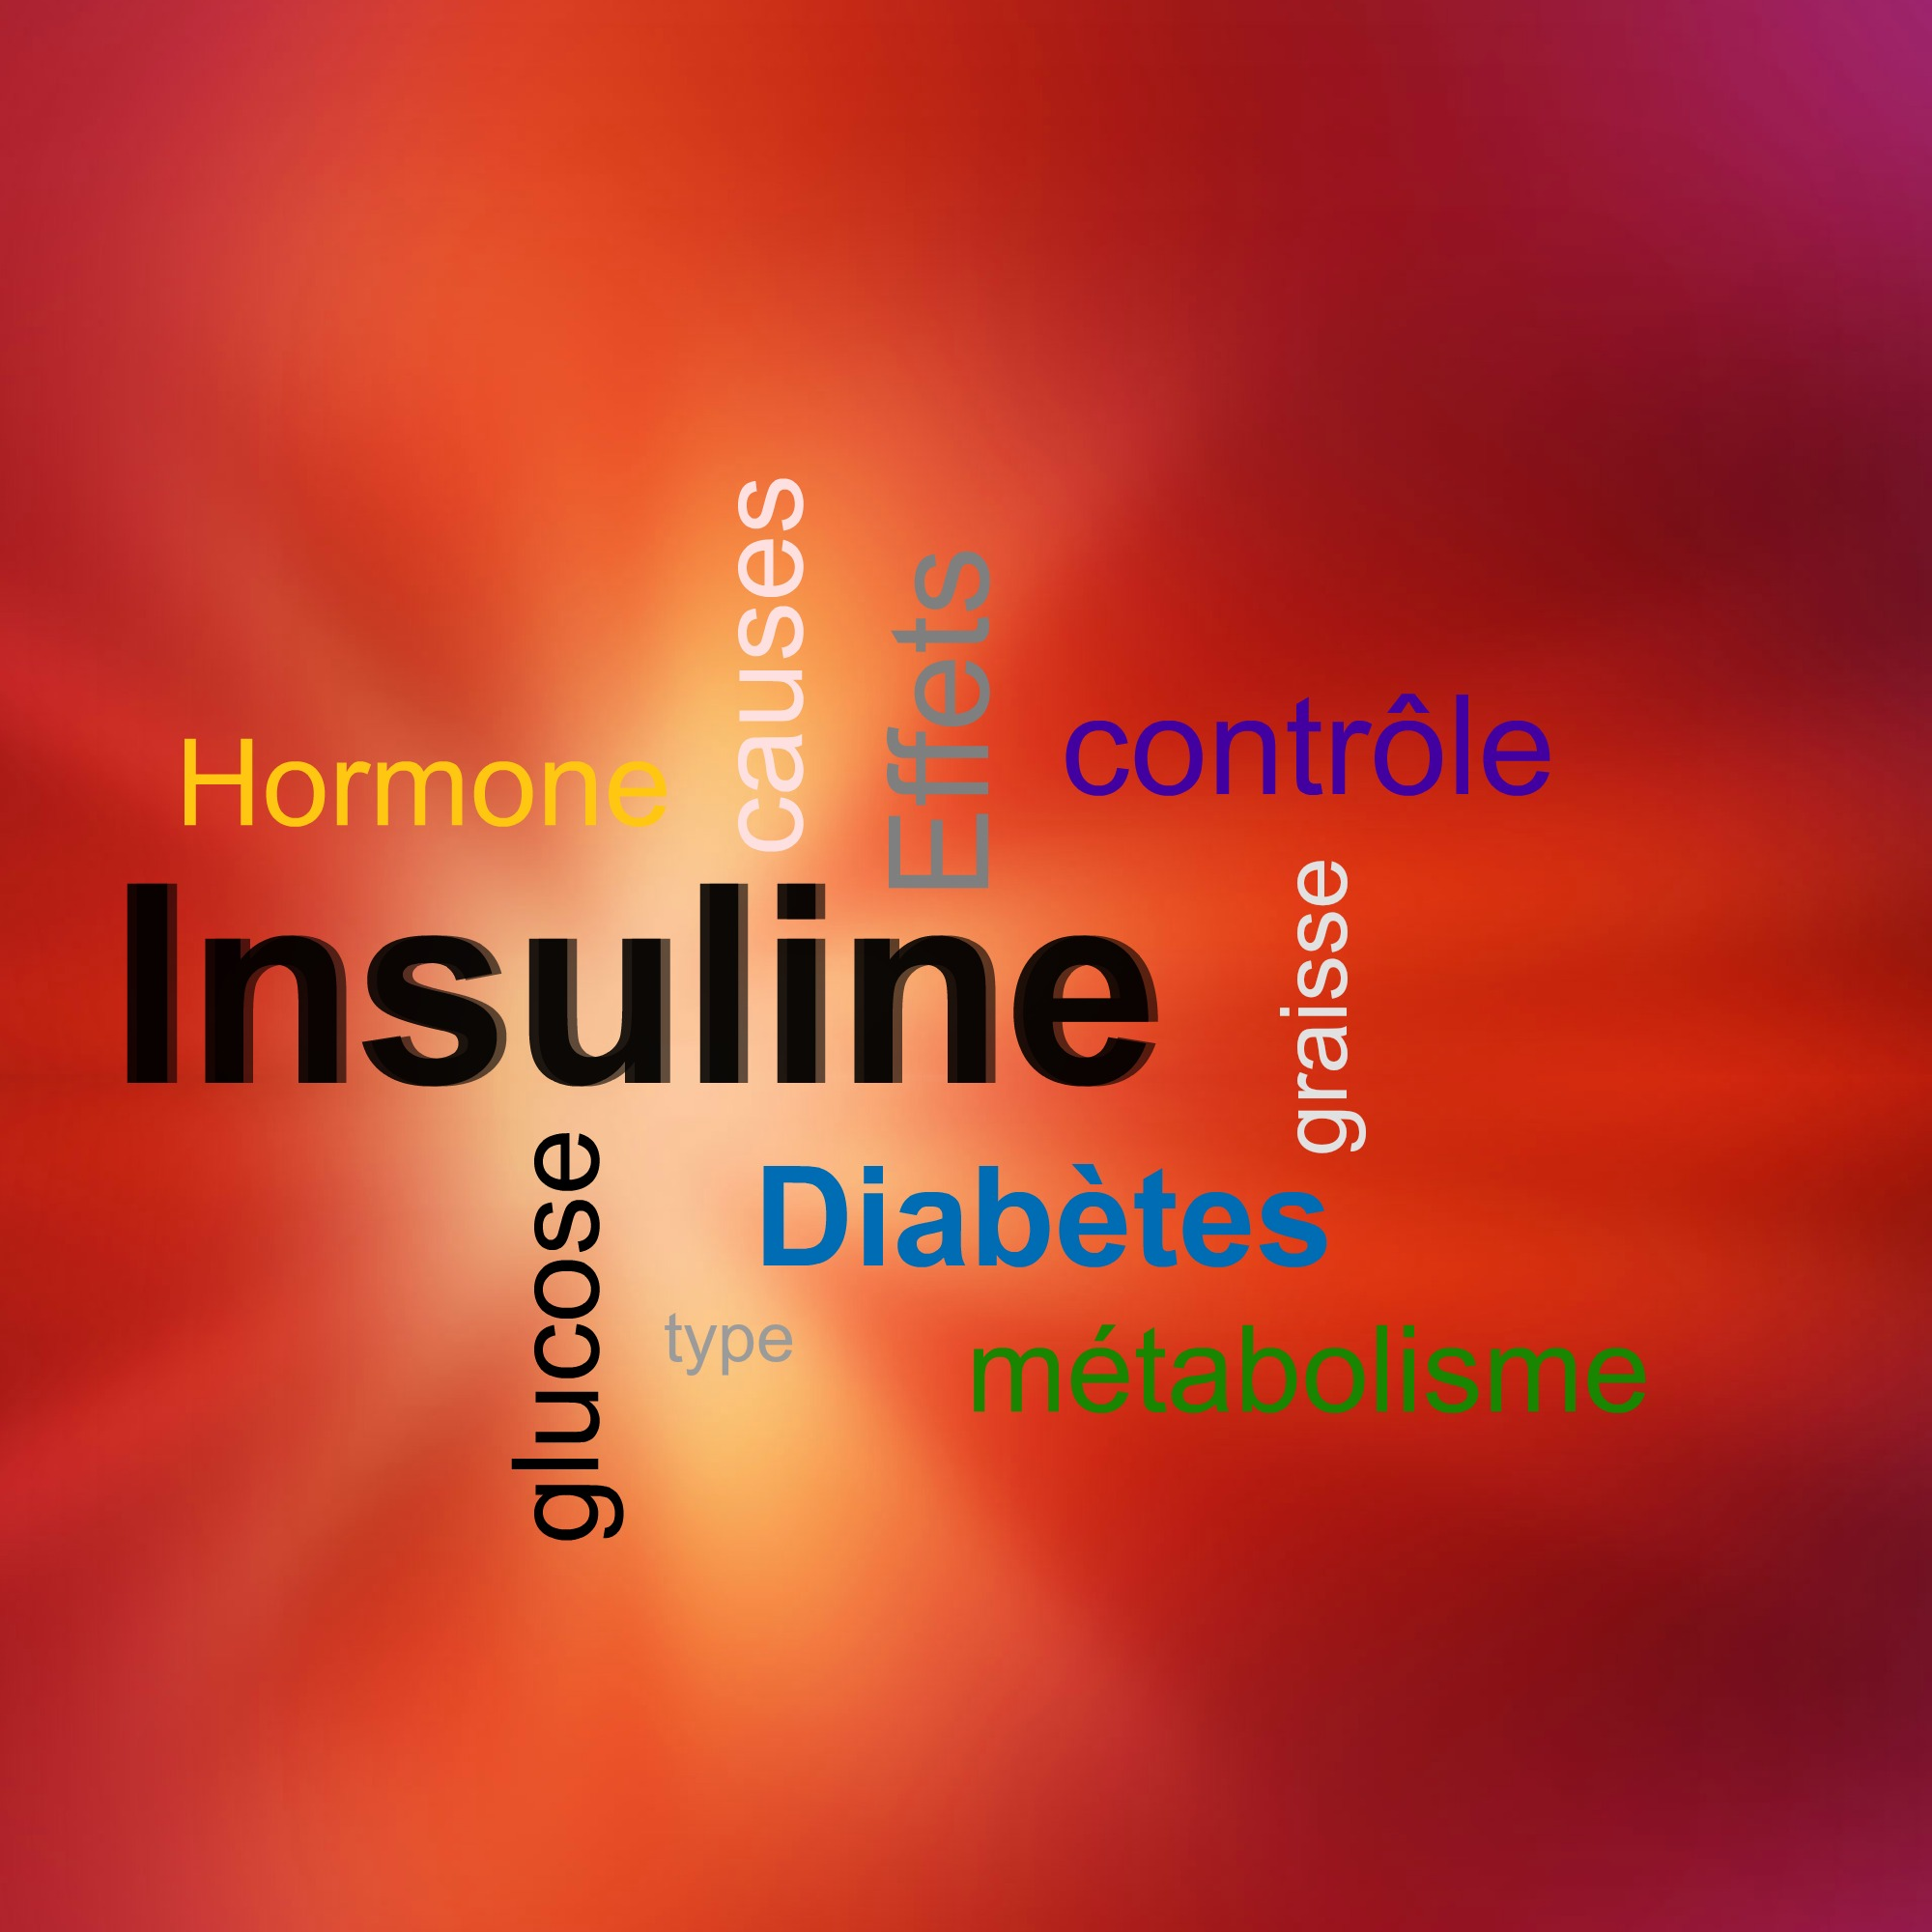 Les vérités que tout le monde devrait connaître sur l'insuline